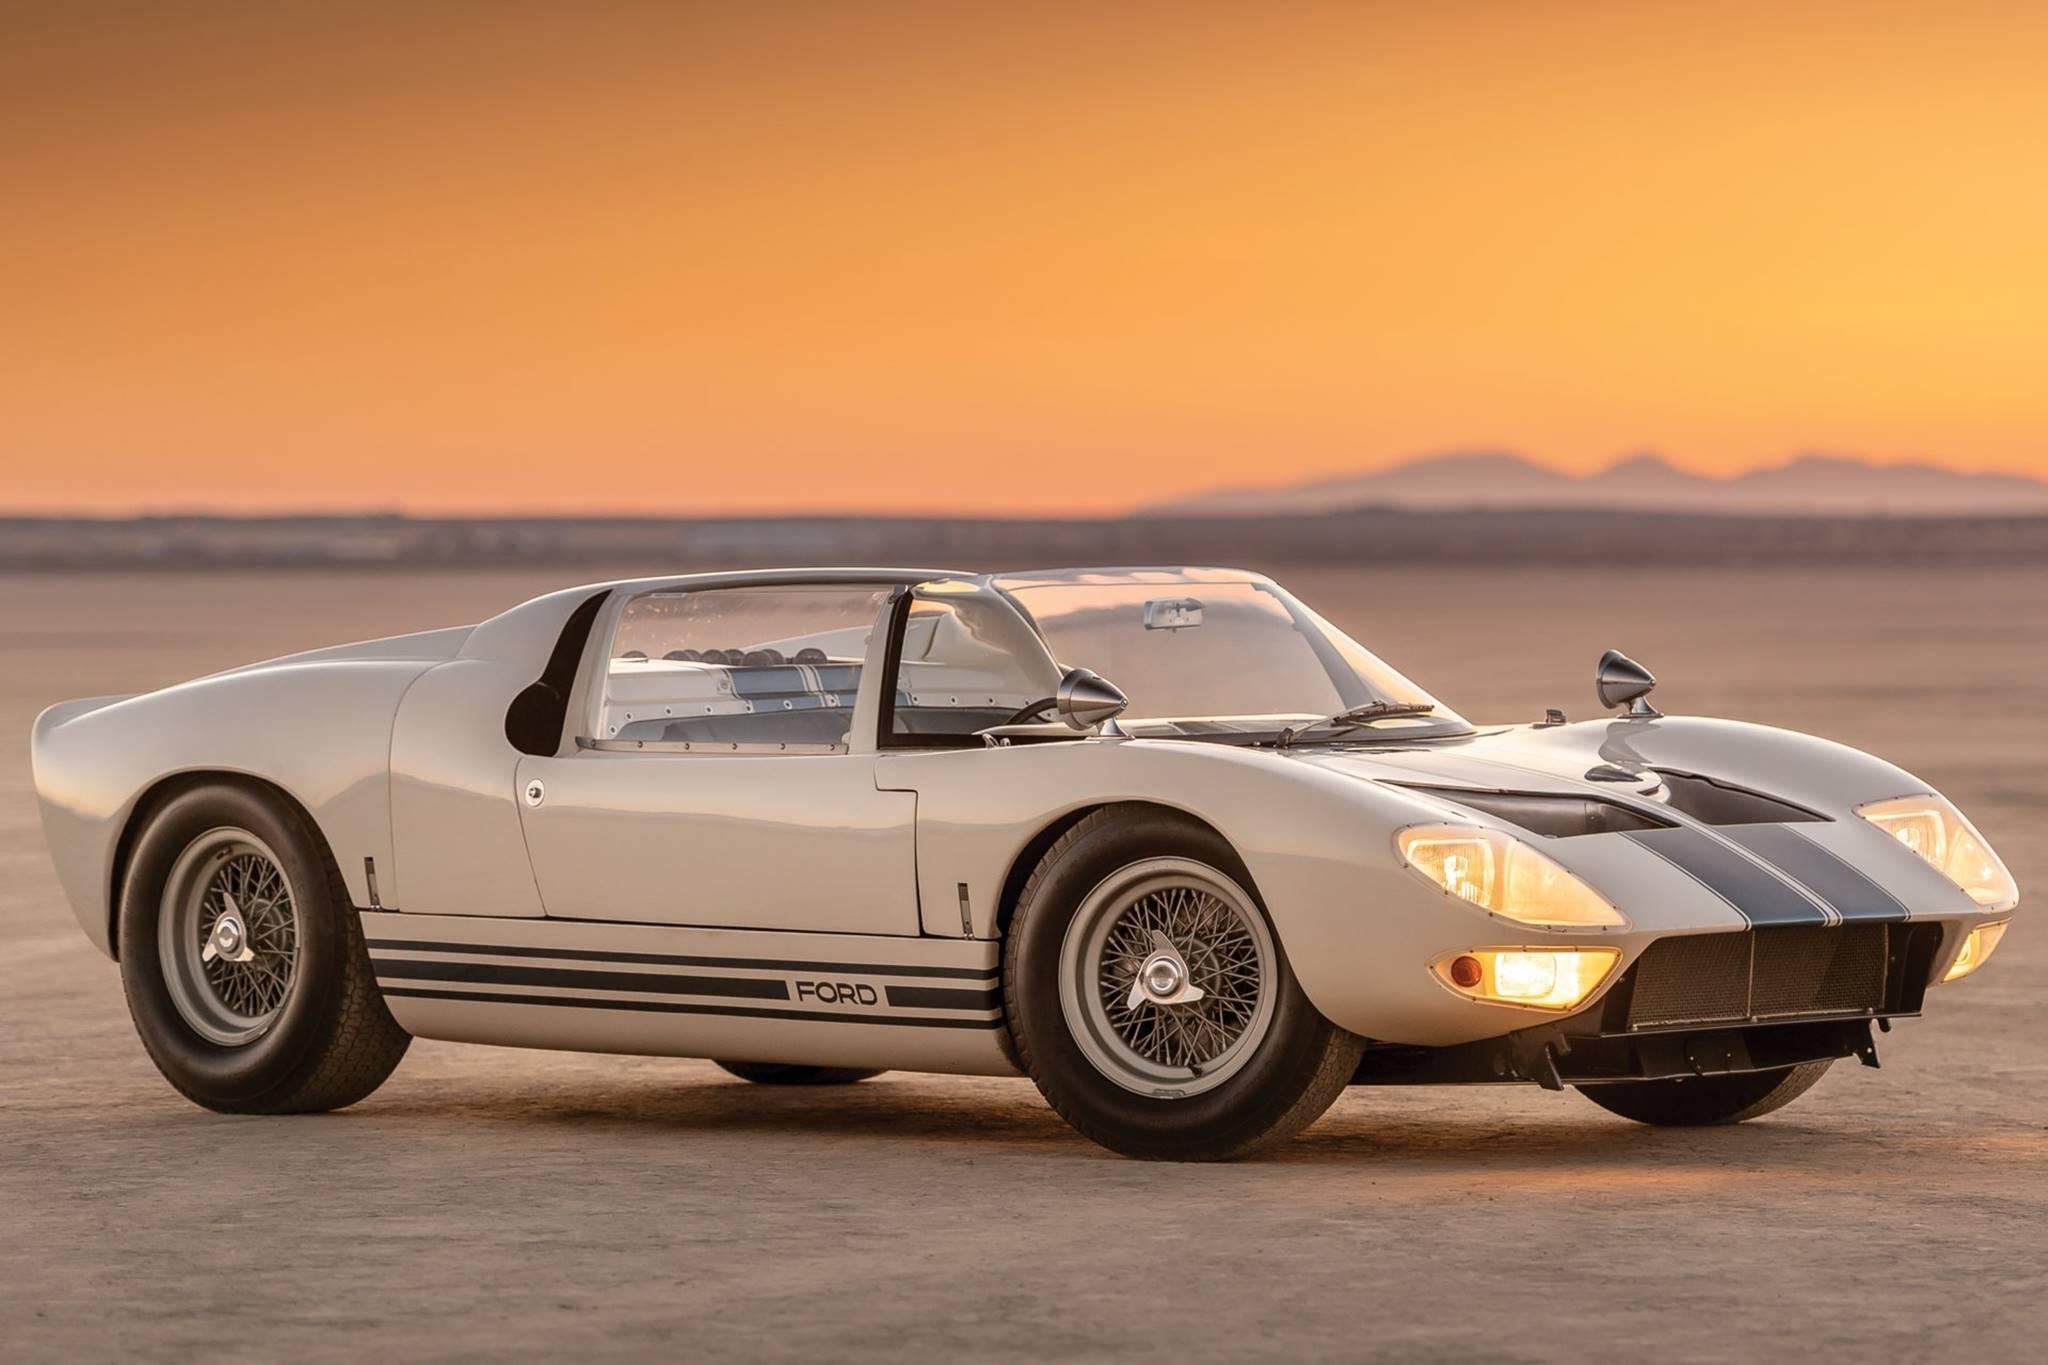 10 mẫu xe đắt tiền nhất được bán đấu giá tại Monterey Car Week 2019